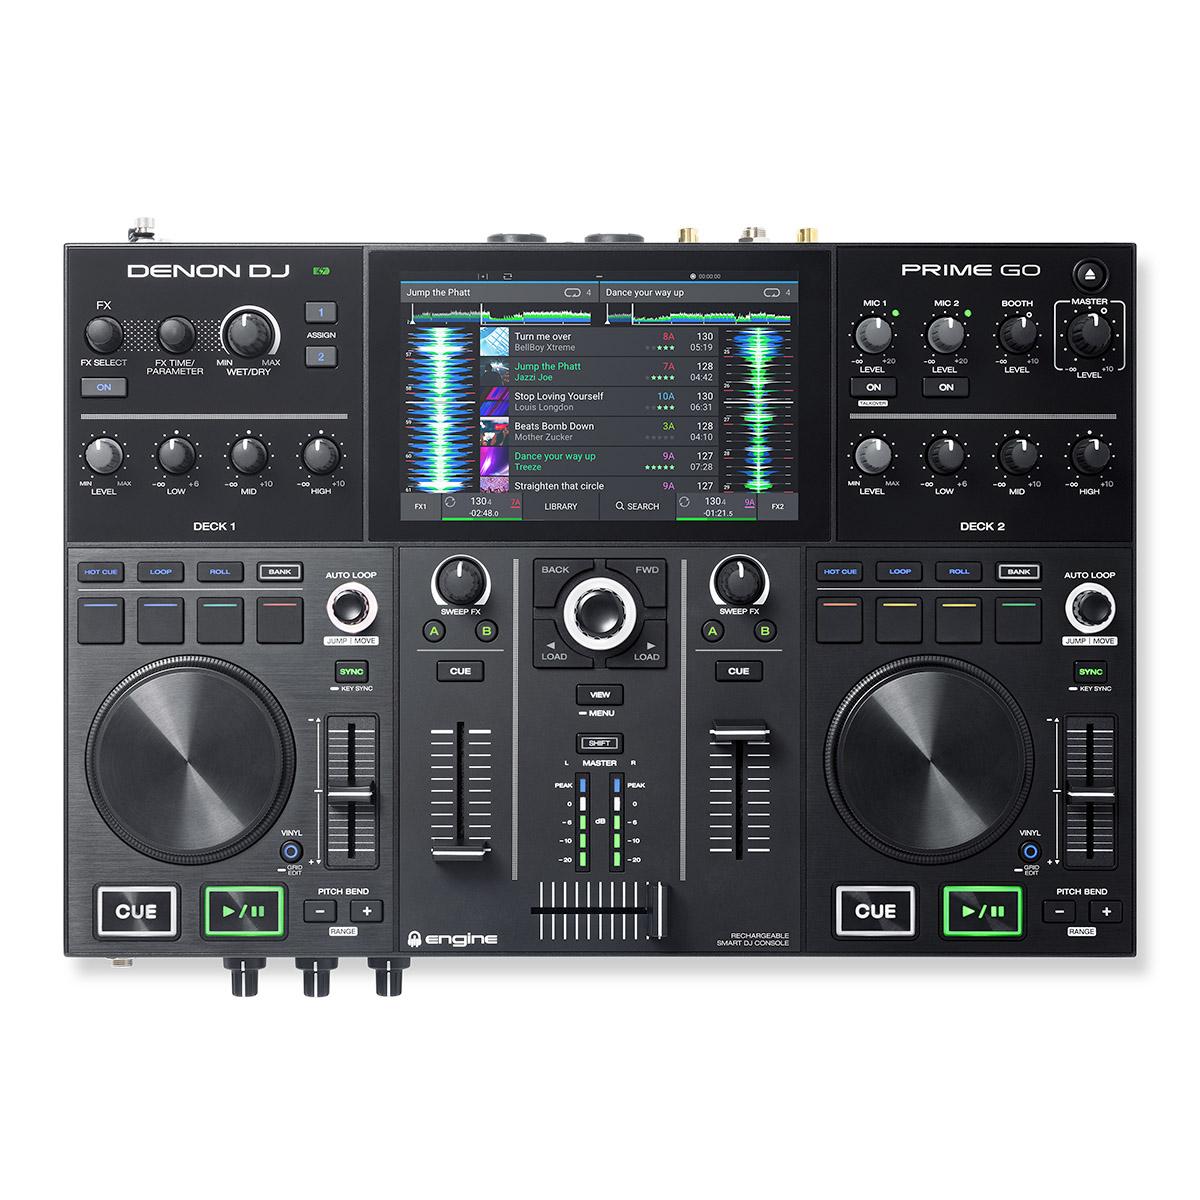 Controladora Denon DJ PRIME GO